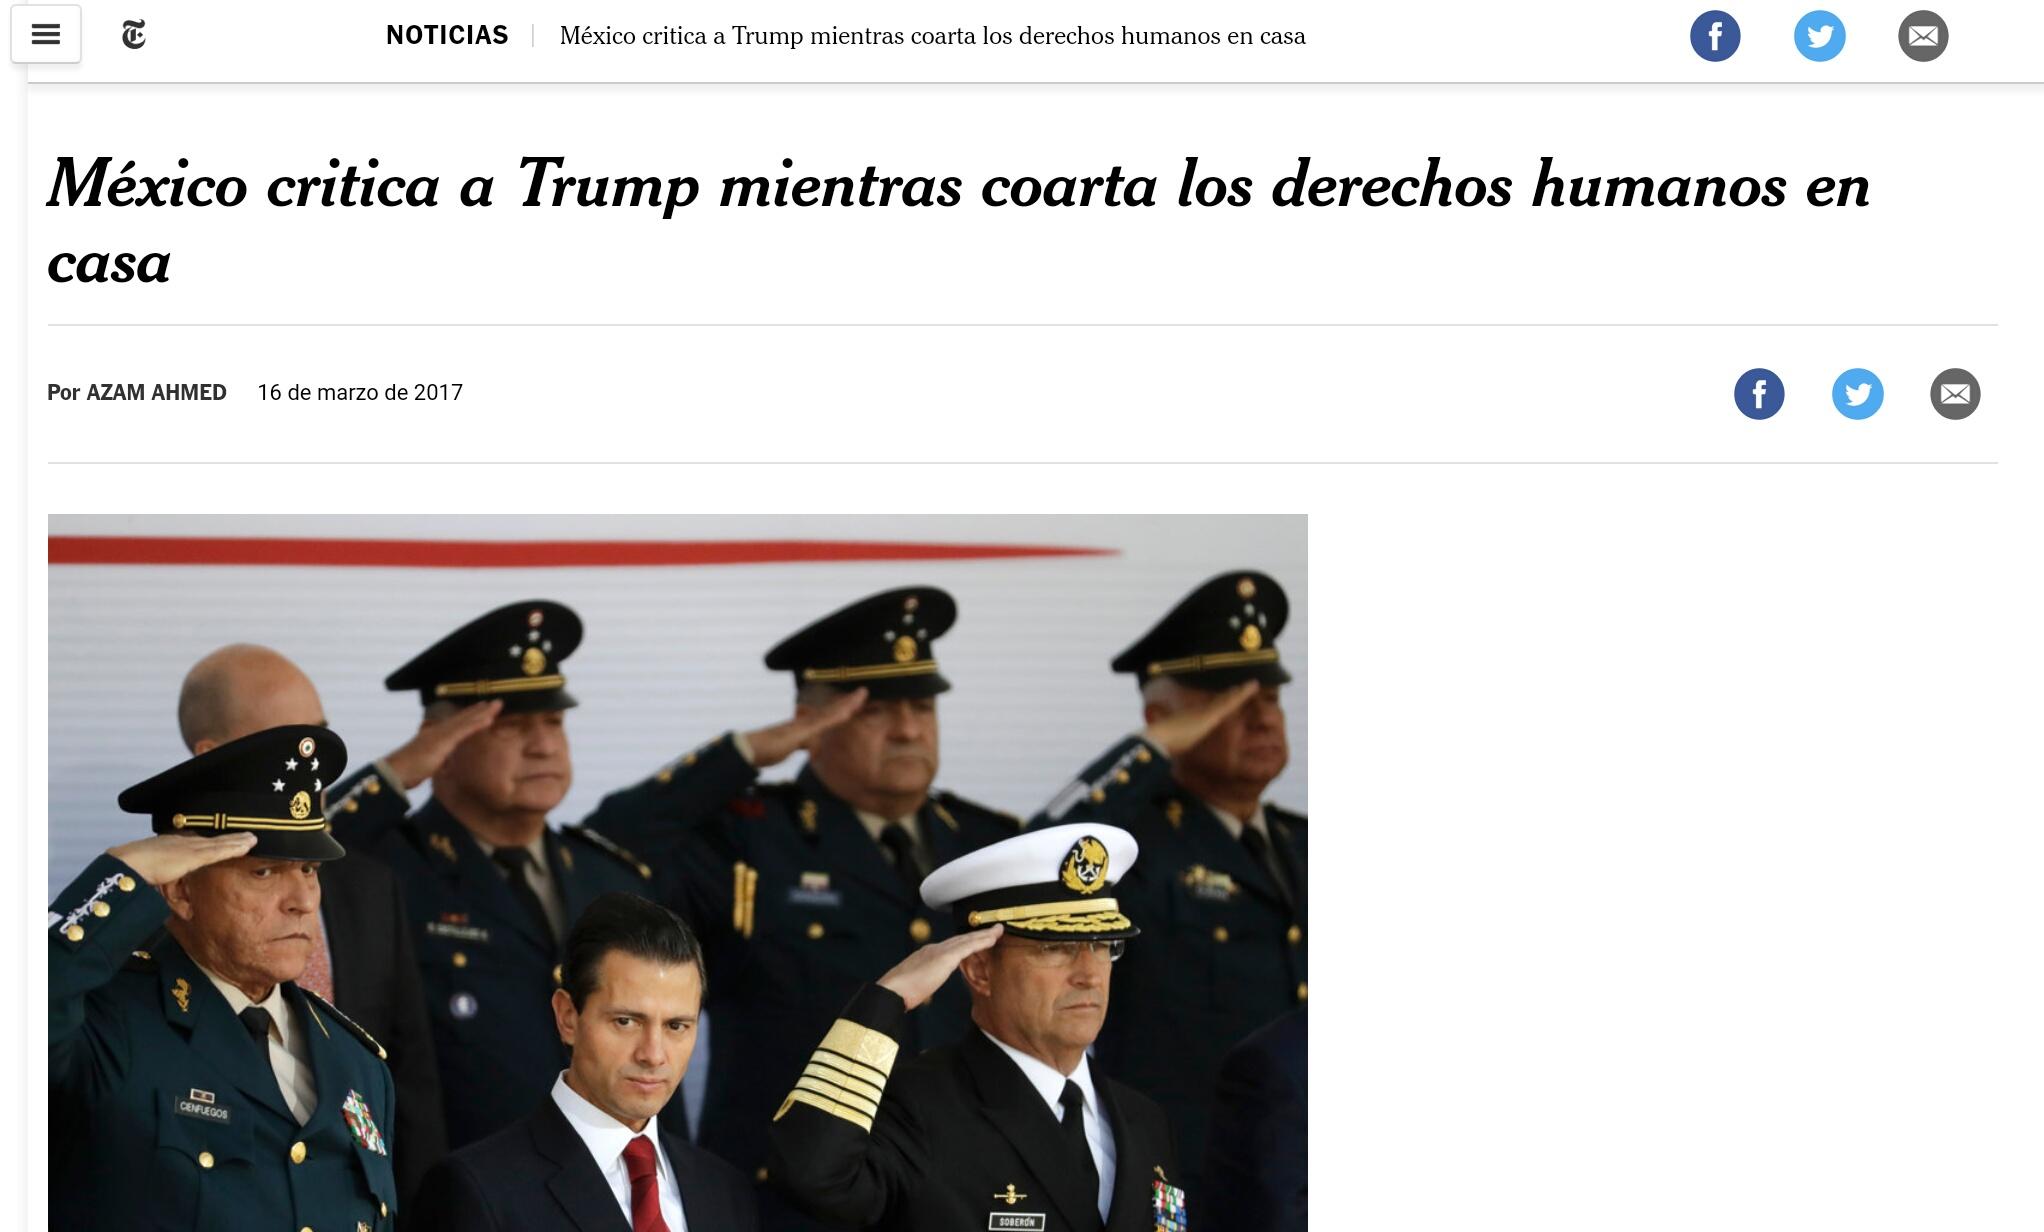 Critican en NYT discurso de México